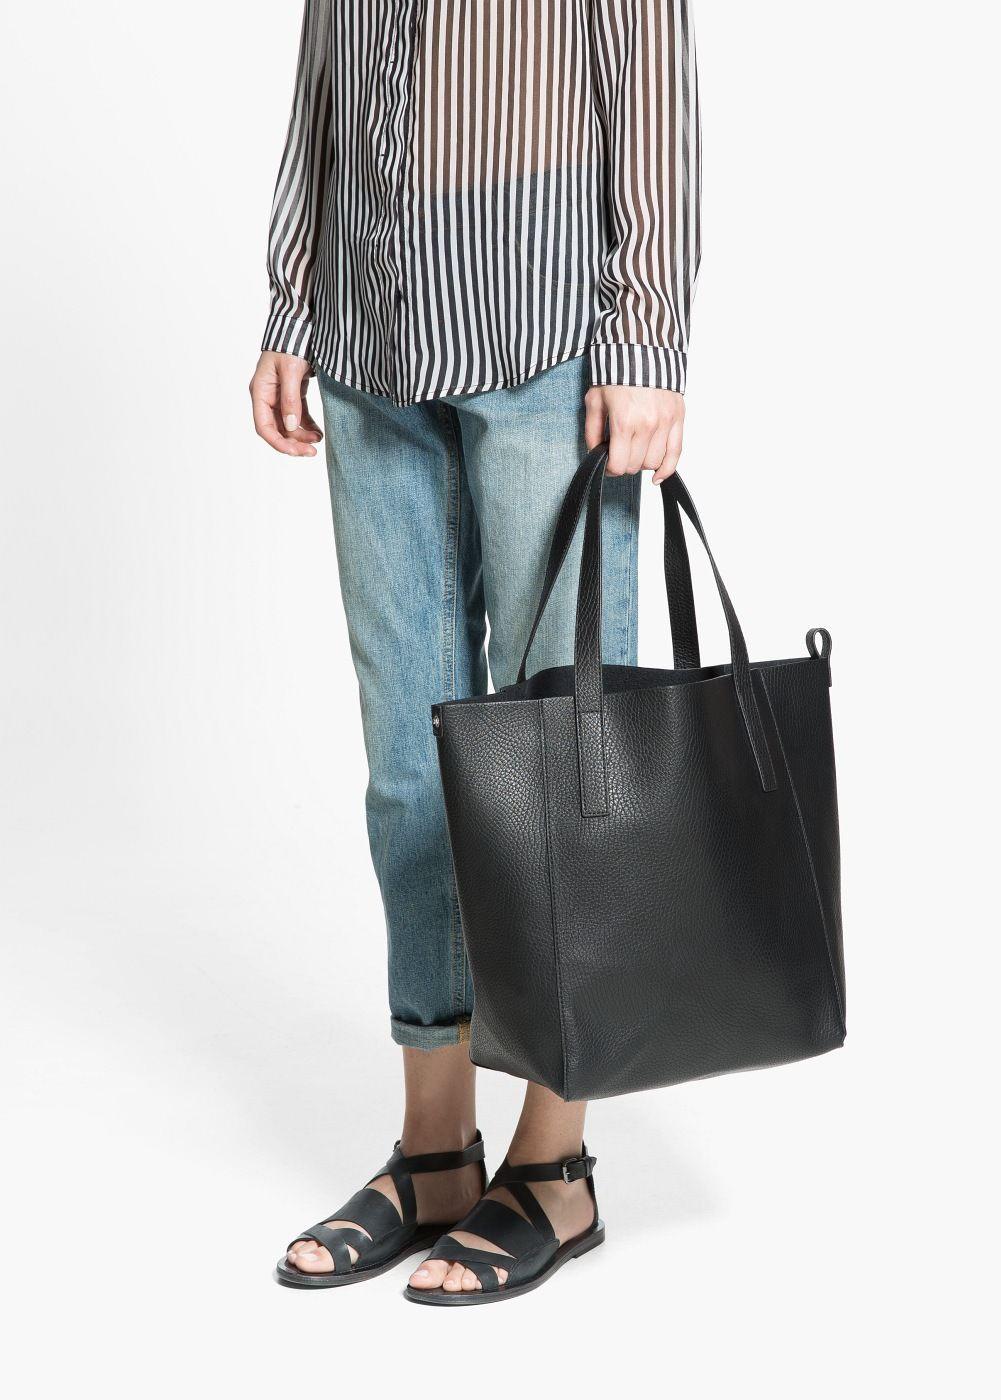 Shopper Tasche Aus Kunstleder Damen Mango Deutschland Shopper Tasche Modestil Taschen